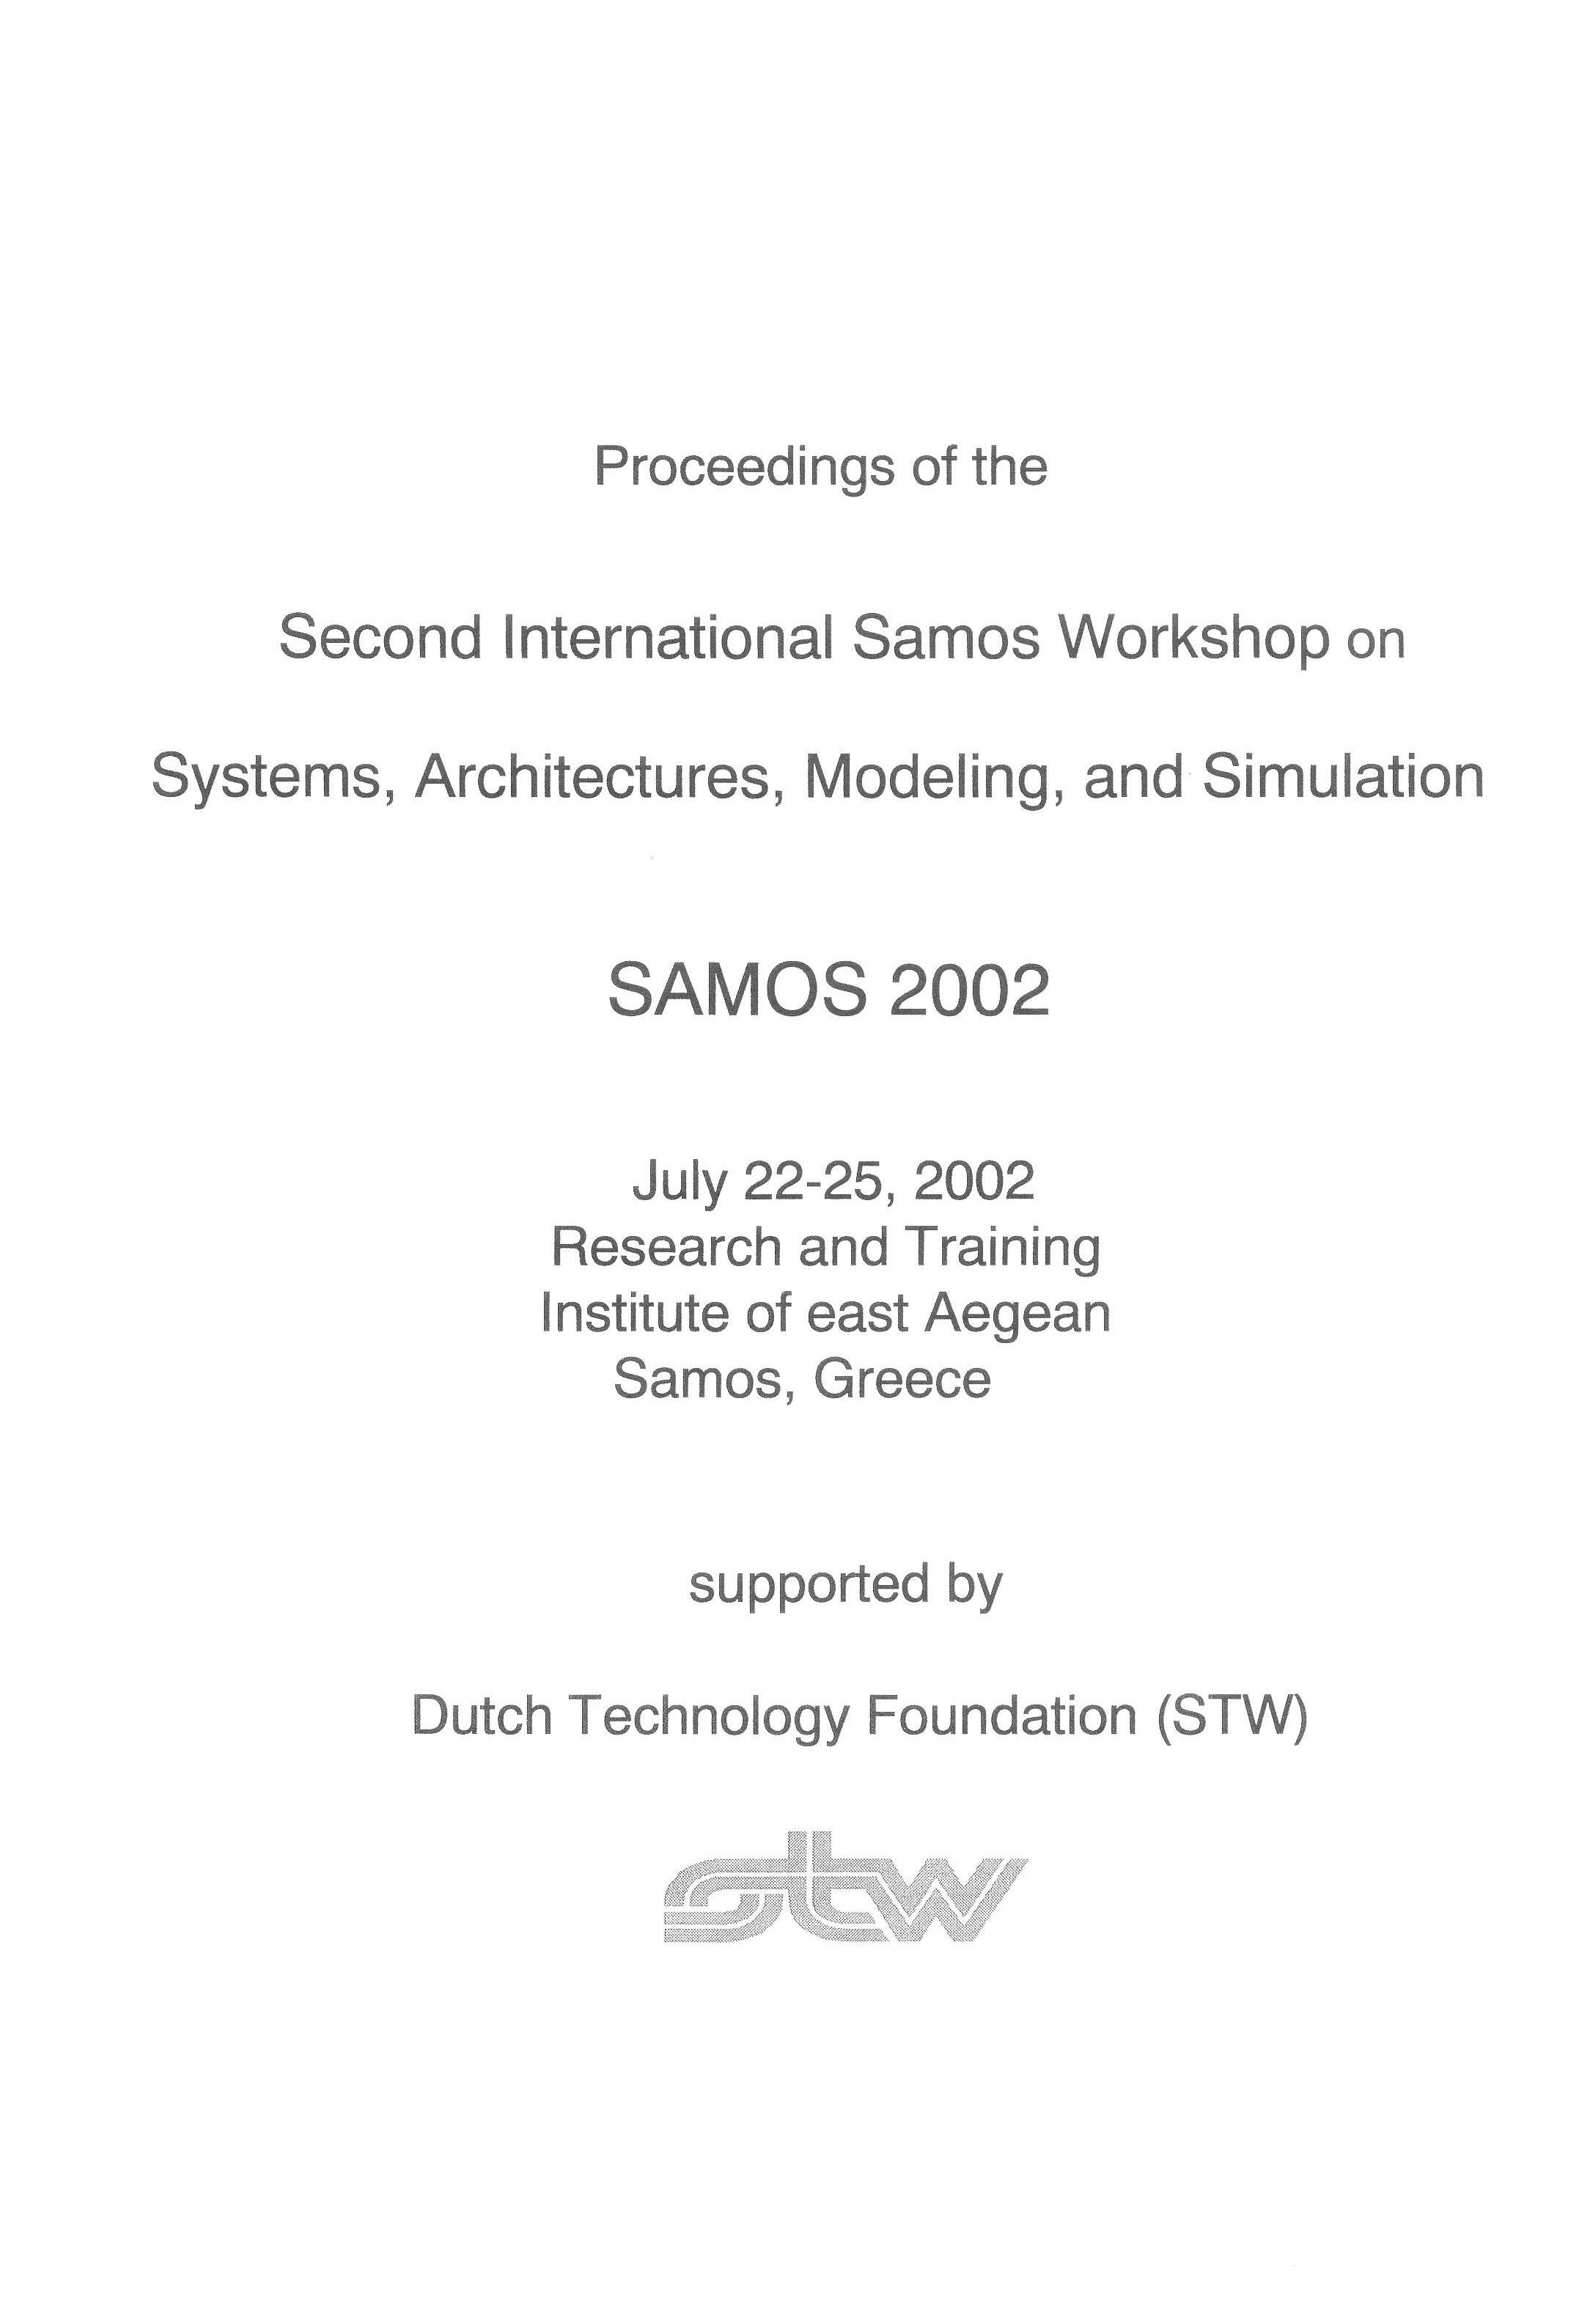 SAMOS 2002